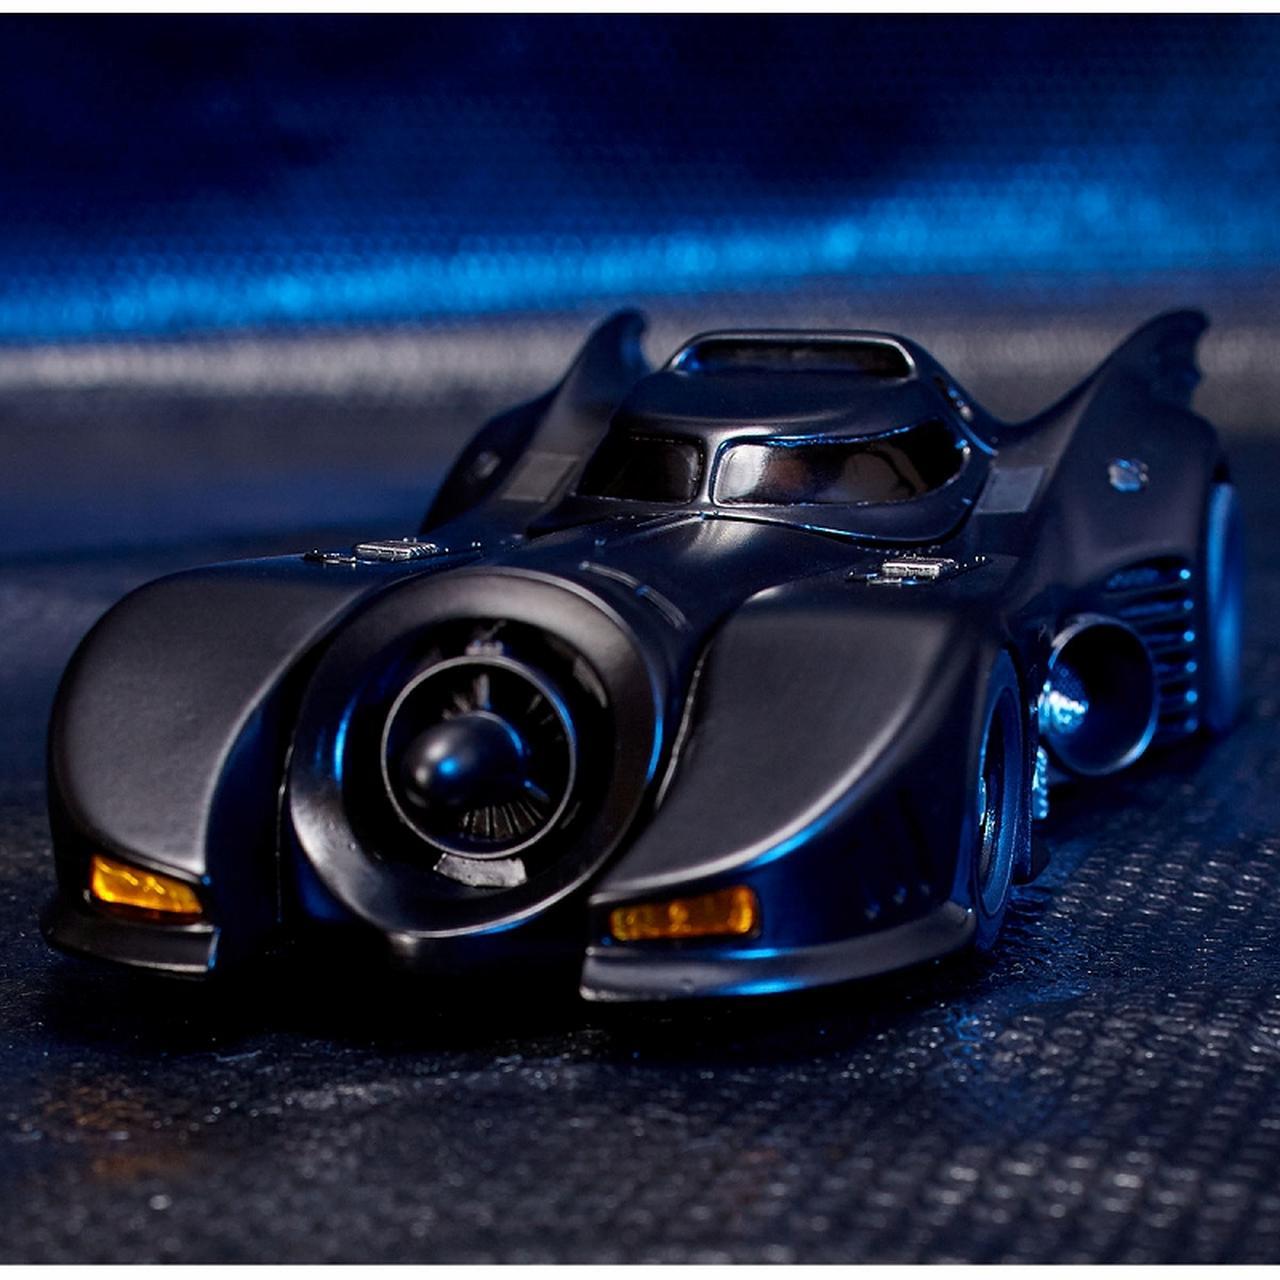 画像9: ティム・バートン監督作「バットマン」よりゴシック風デザイン、美しい流線型フォルを忠実に再現したバットモービルが発売!